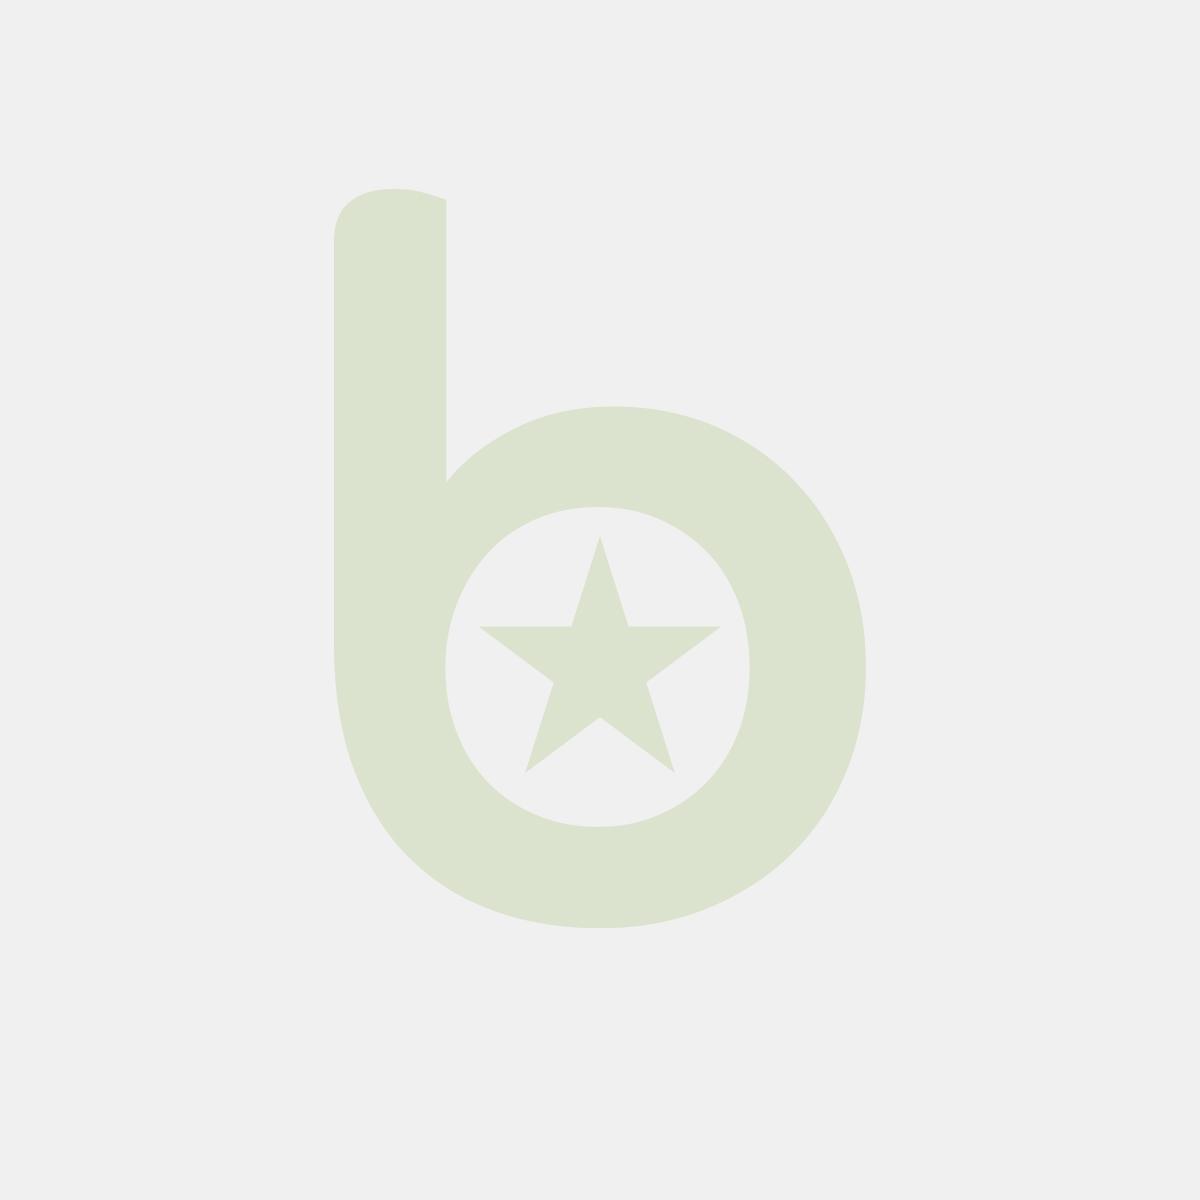 FINGERFOOD - pucharek PS 75ml czarny śr.9xh.3,9cm op. 20 sztuk